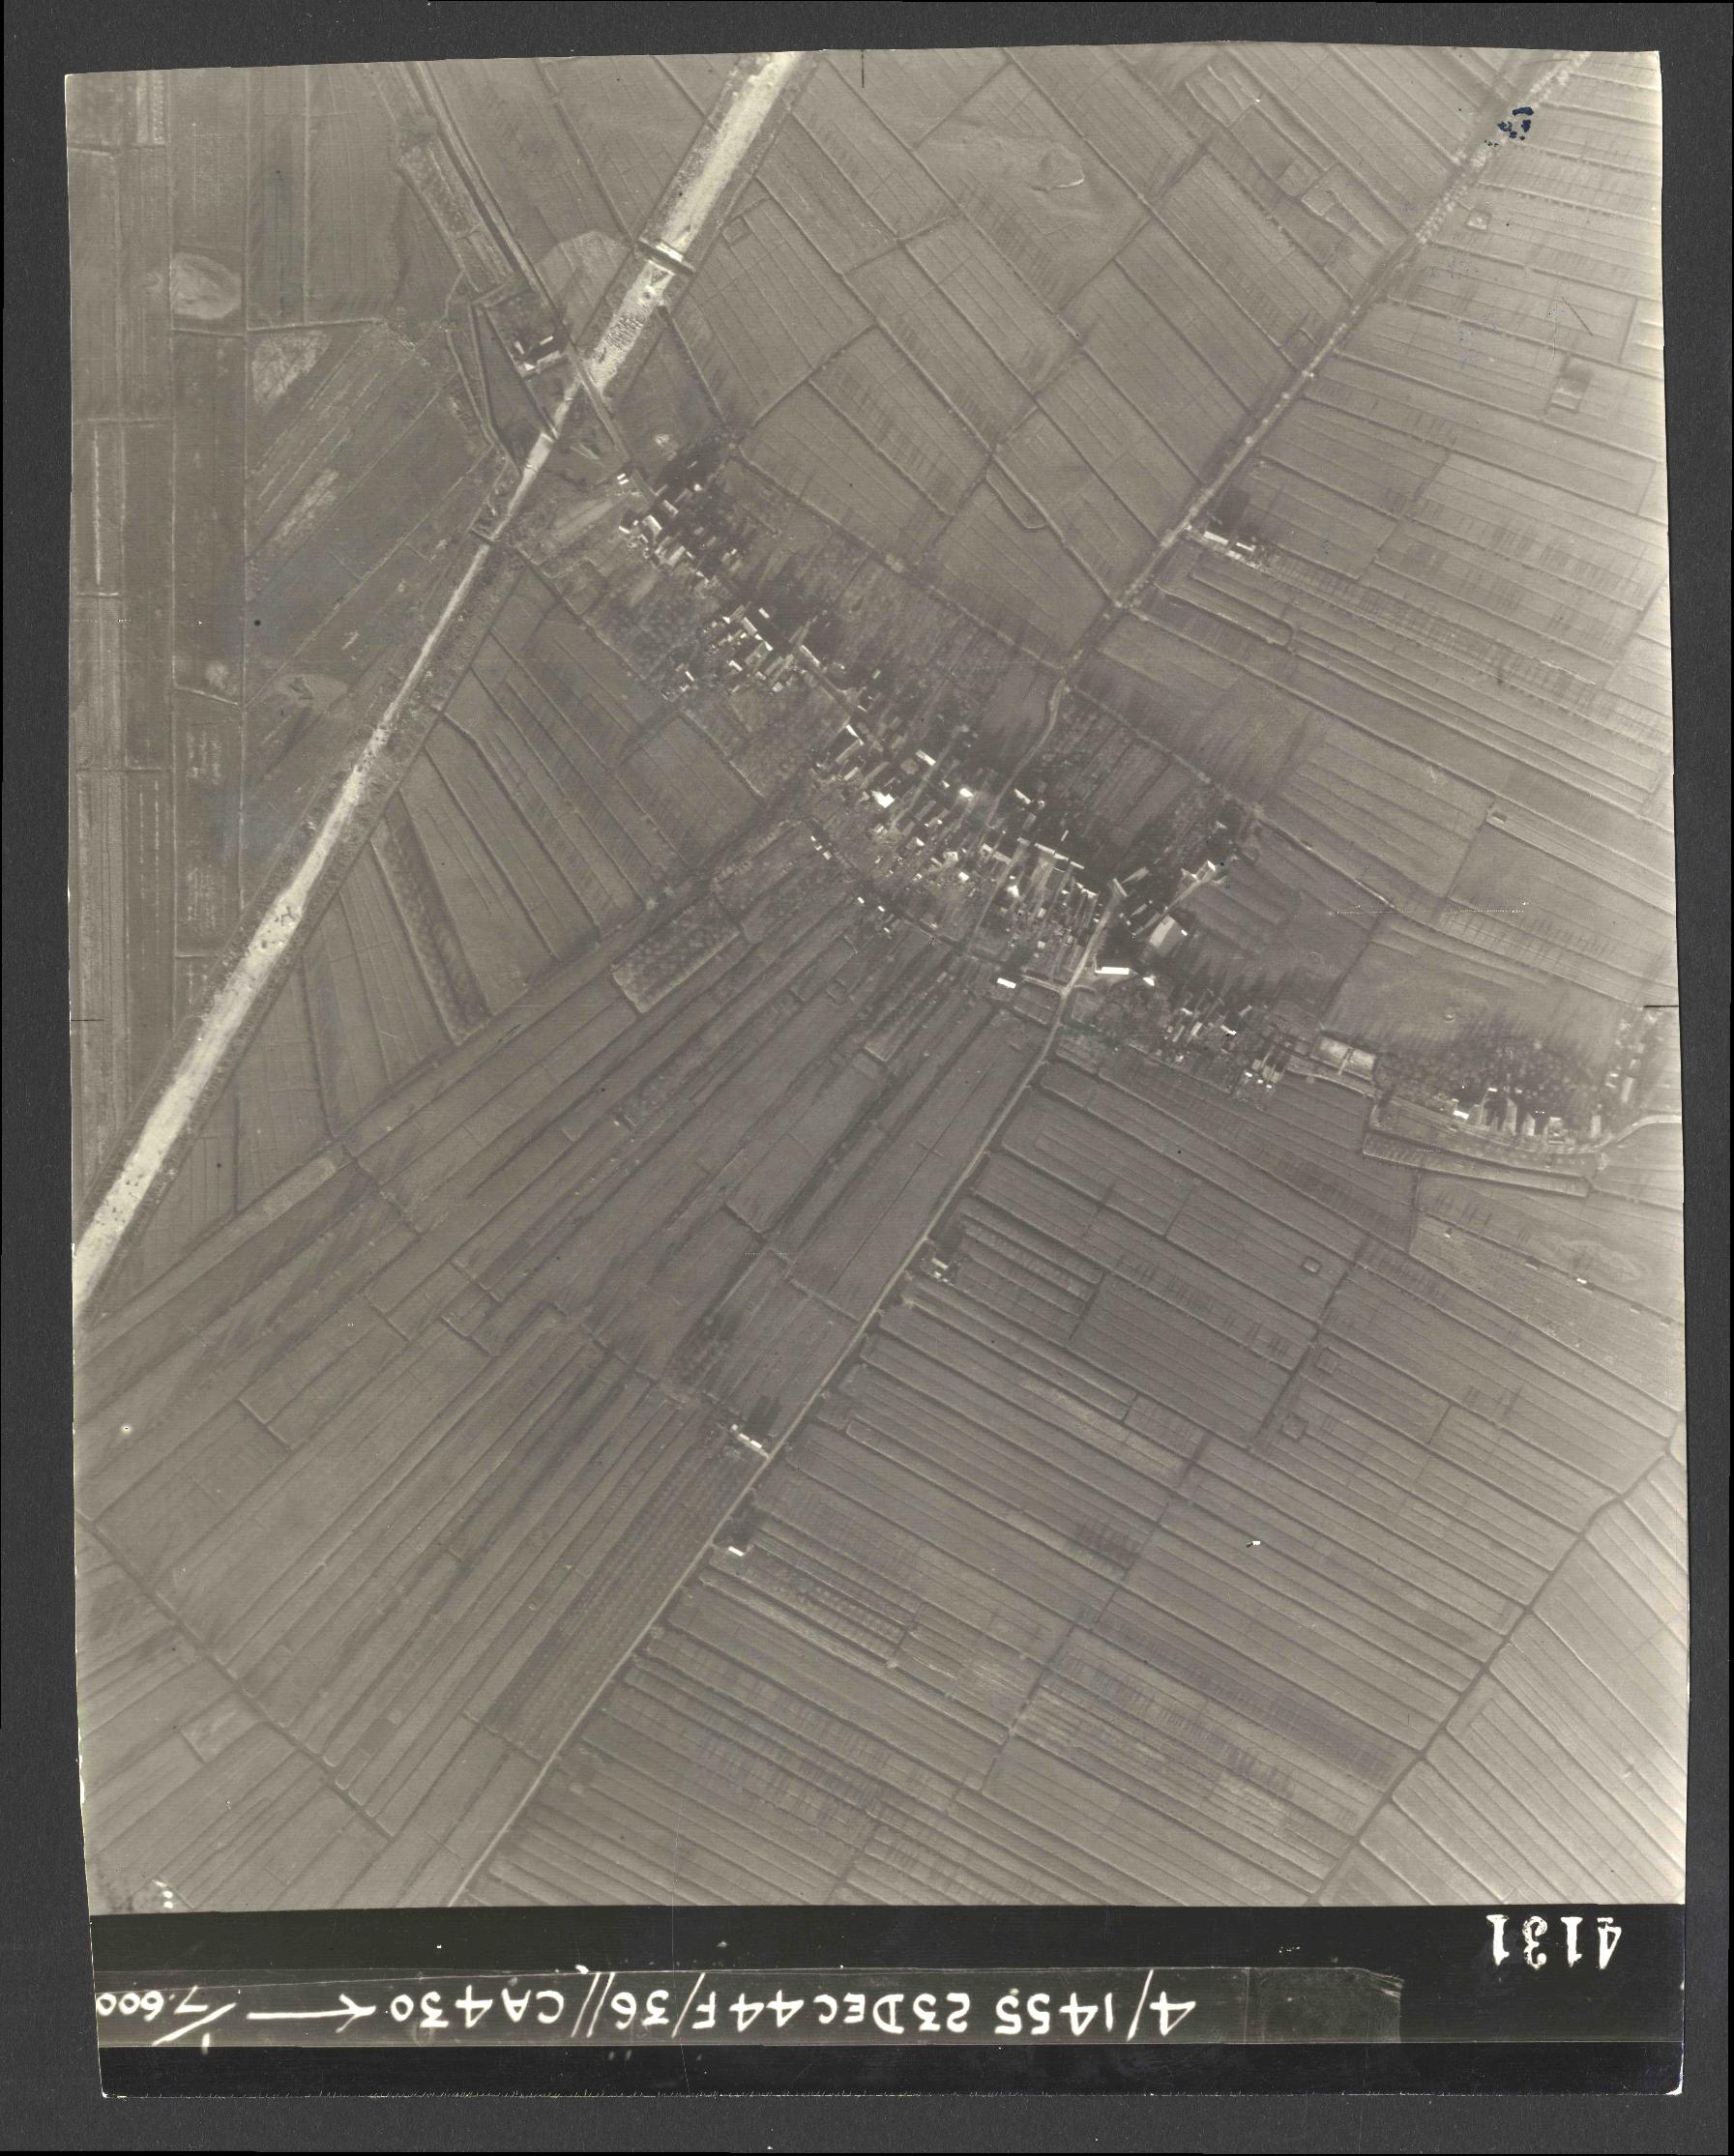 Collection RAF aerial photos 1940-1945 - flight 051, run 05, photo 4131